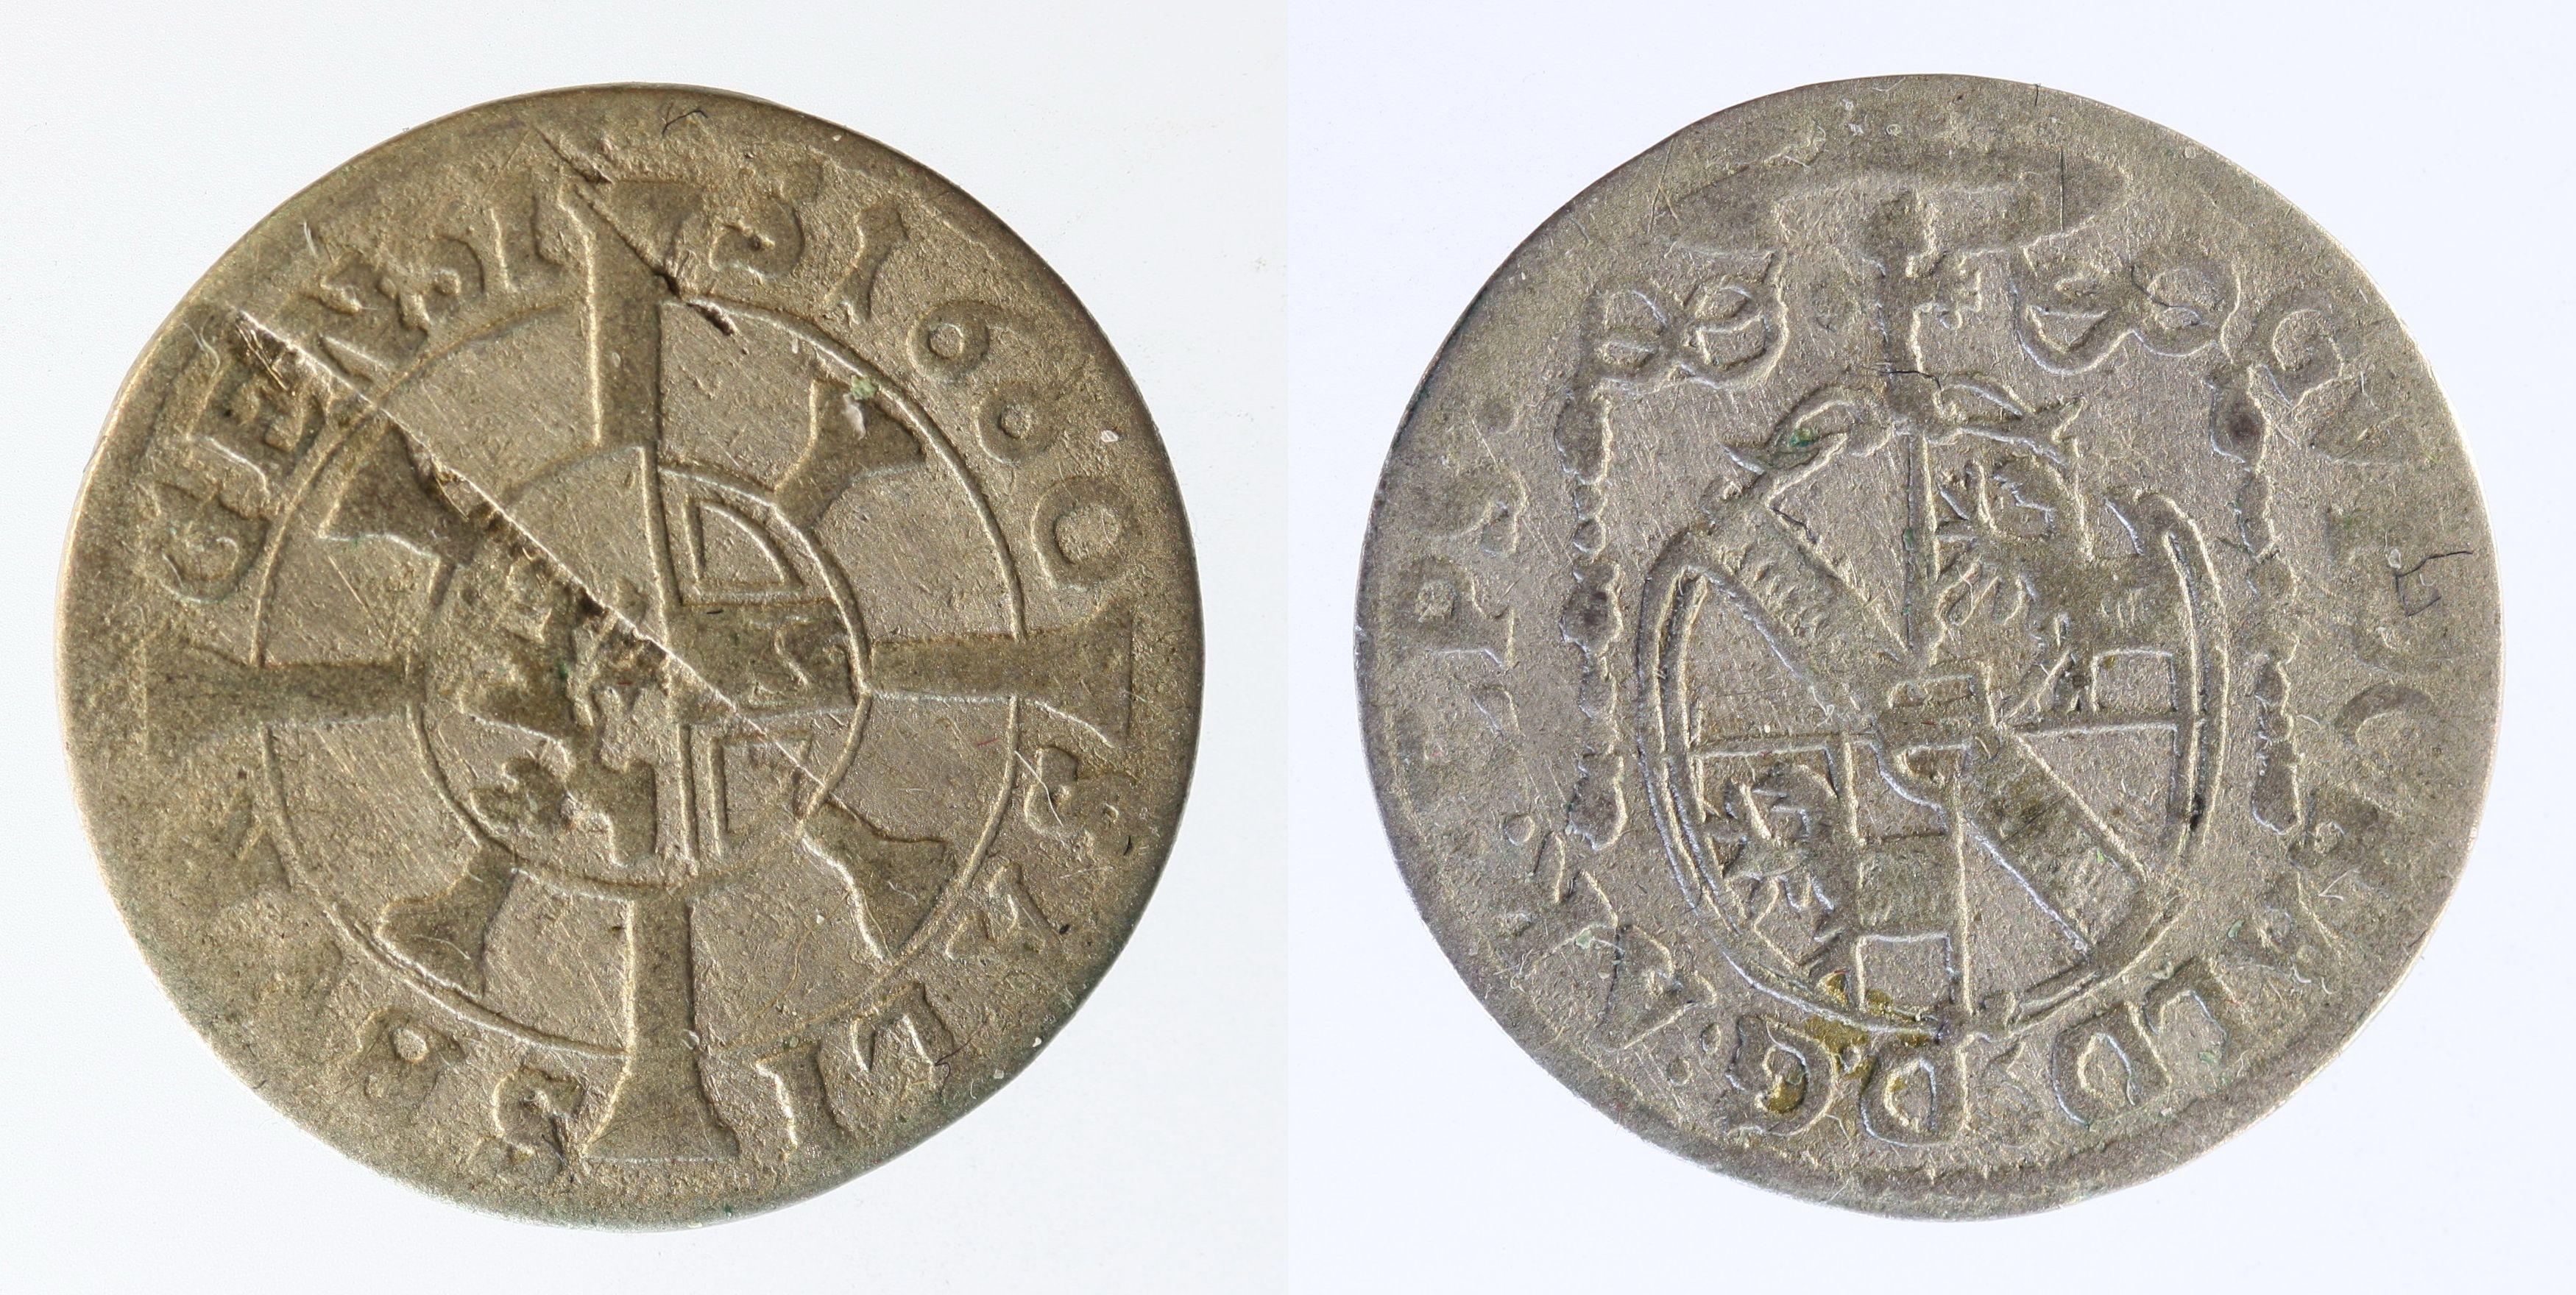 FEHLPRÄGUNG Kreuzer 1660 Salzburg